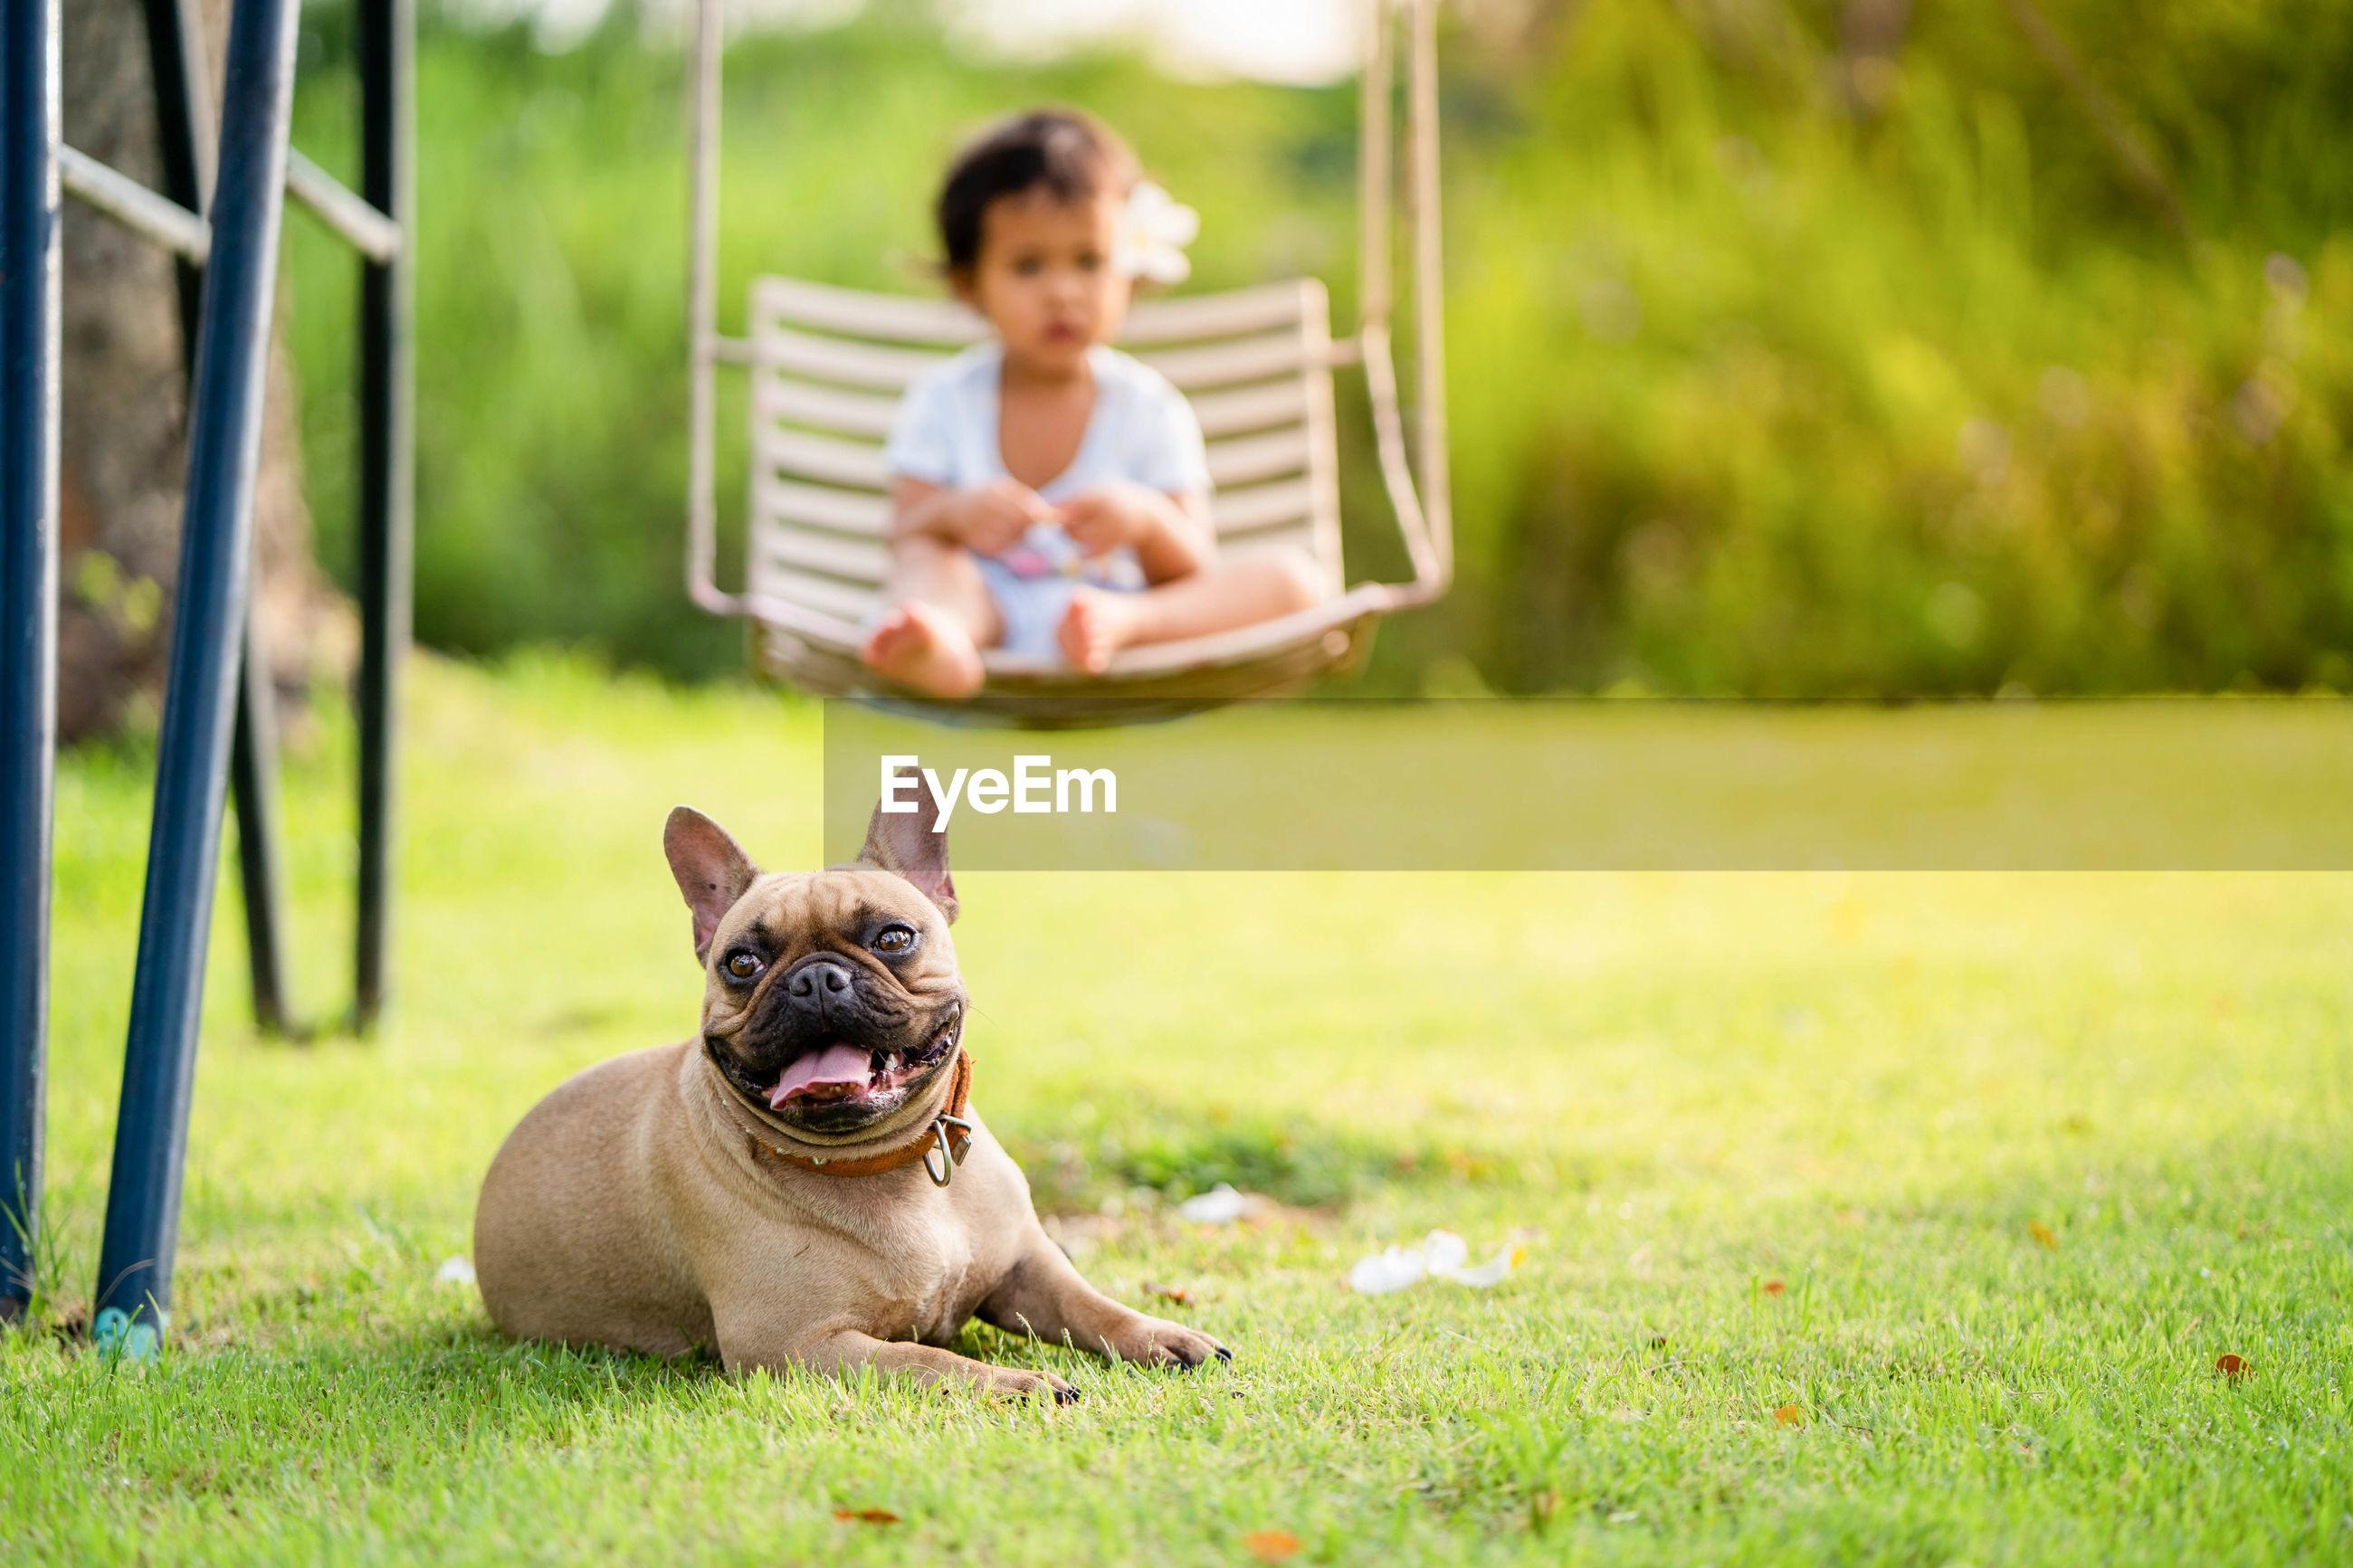 Girl swinging while dog sitting on grassy land